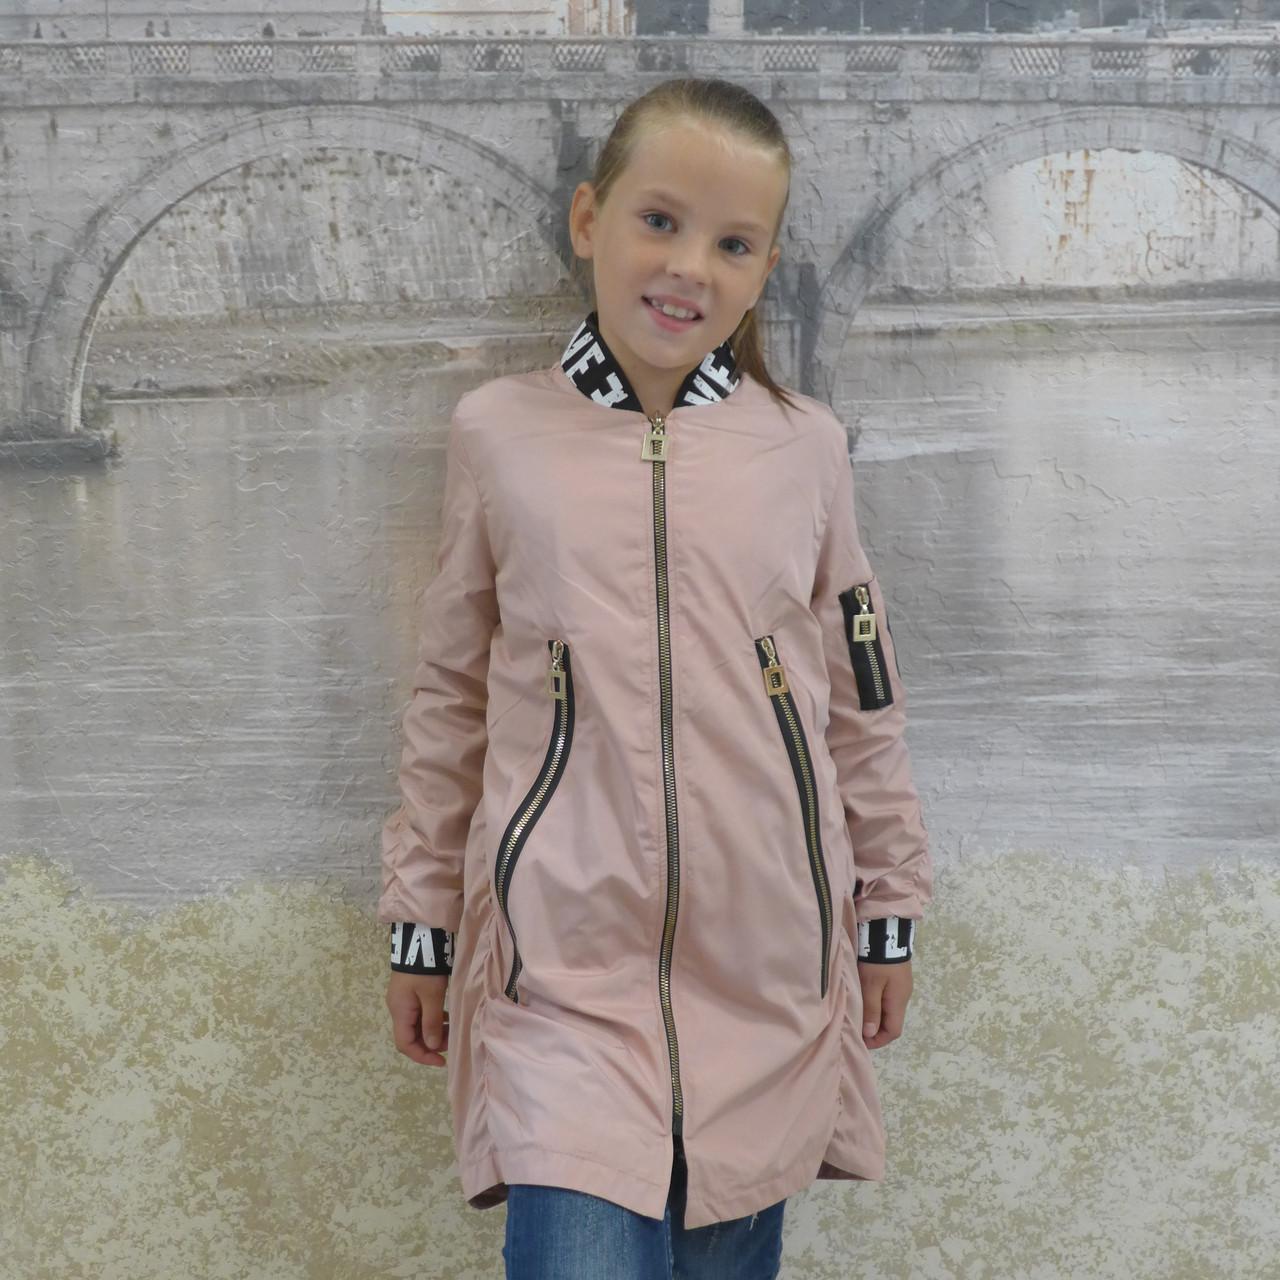 2b9f88846011 Детская одежда Плащ-Змейка (пудра), цена 490 грн., купить в Одессе ...